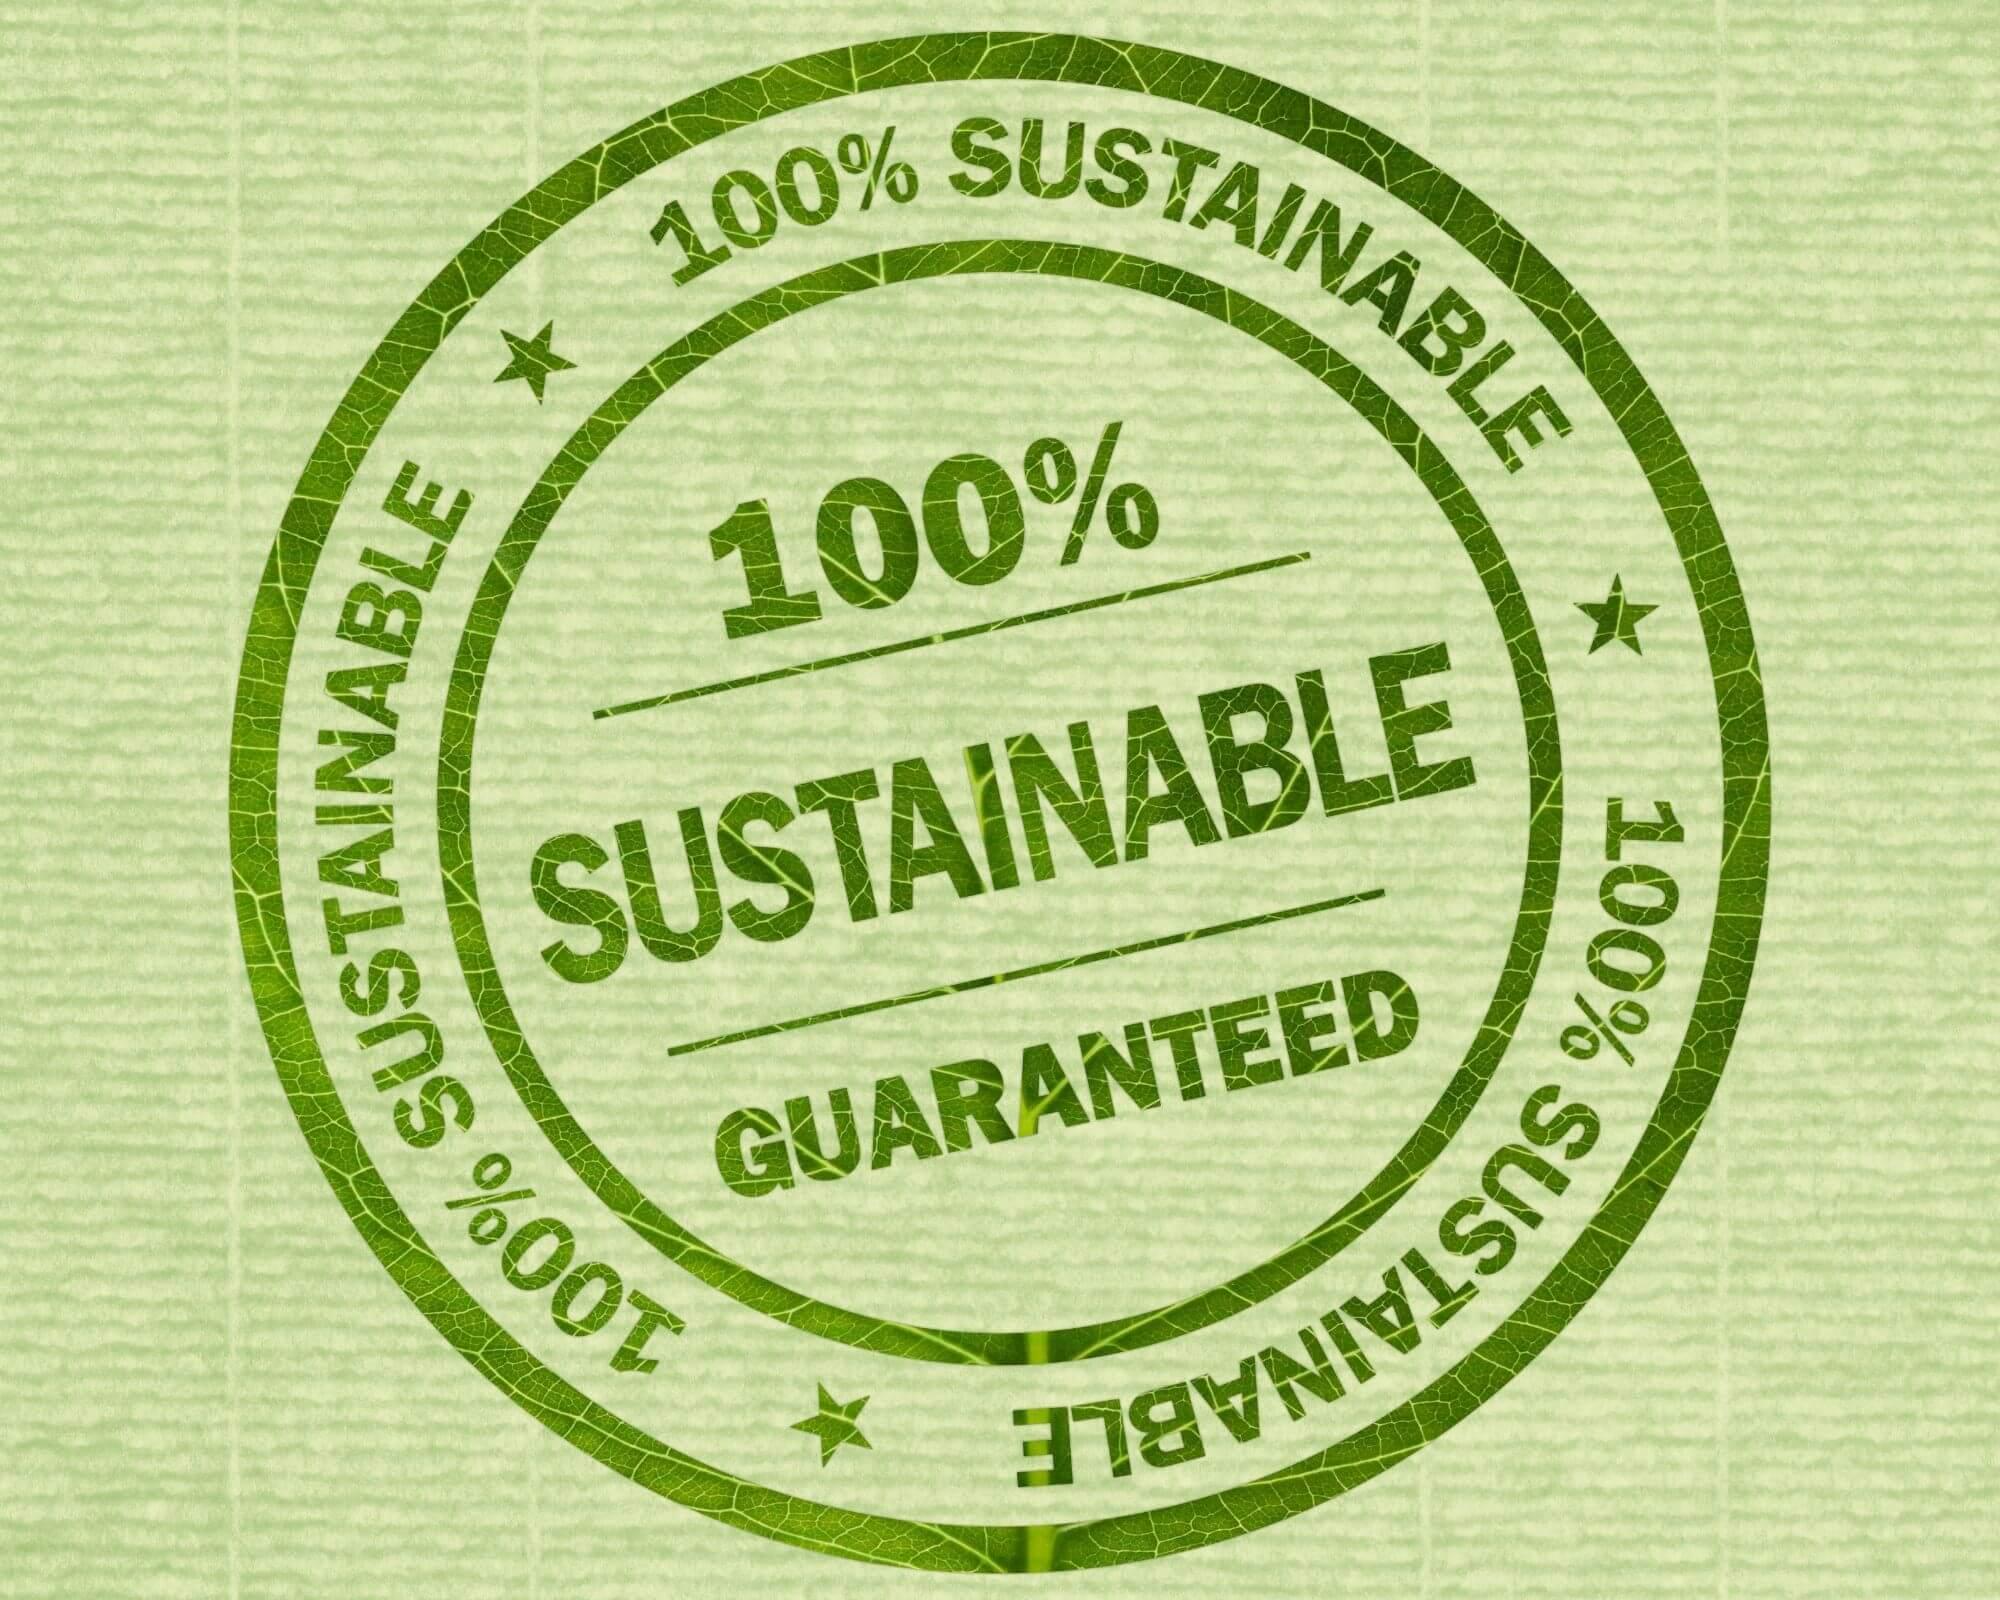 etiqueta sostenible